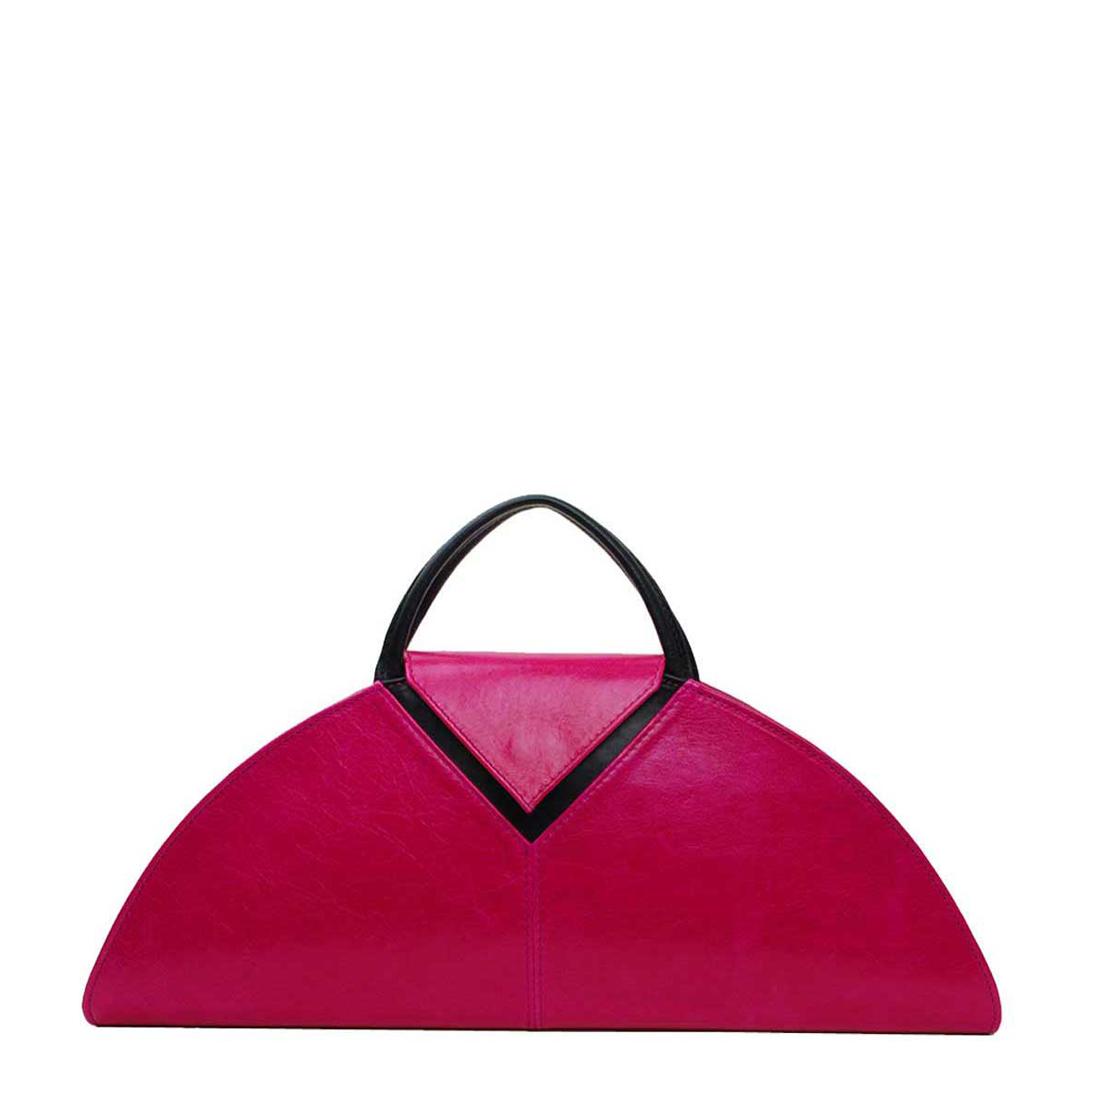 V Clutch Fuchsia Leather Handbag